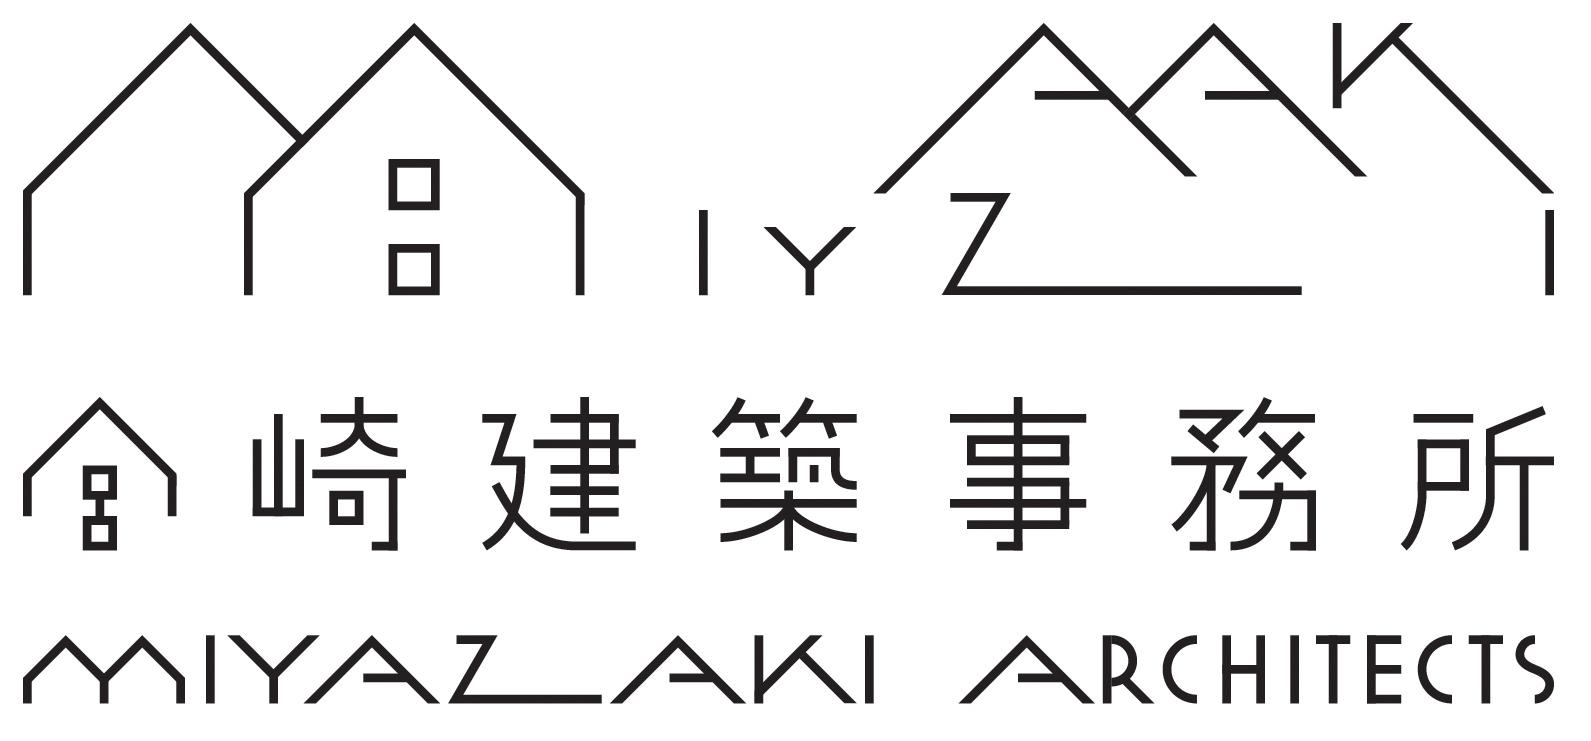 株式会社 宮崎建築事務所 | Miyazaki Architecture Office